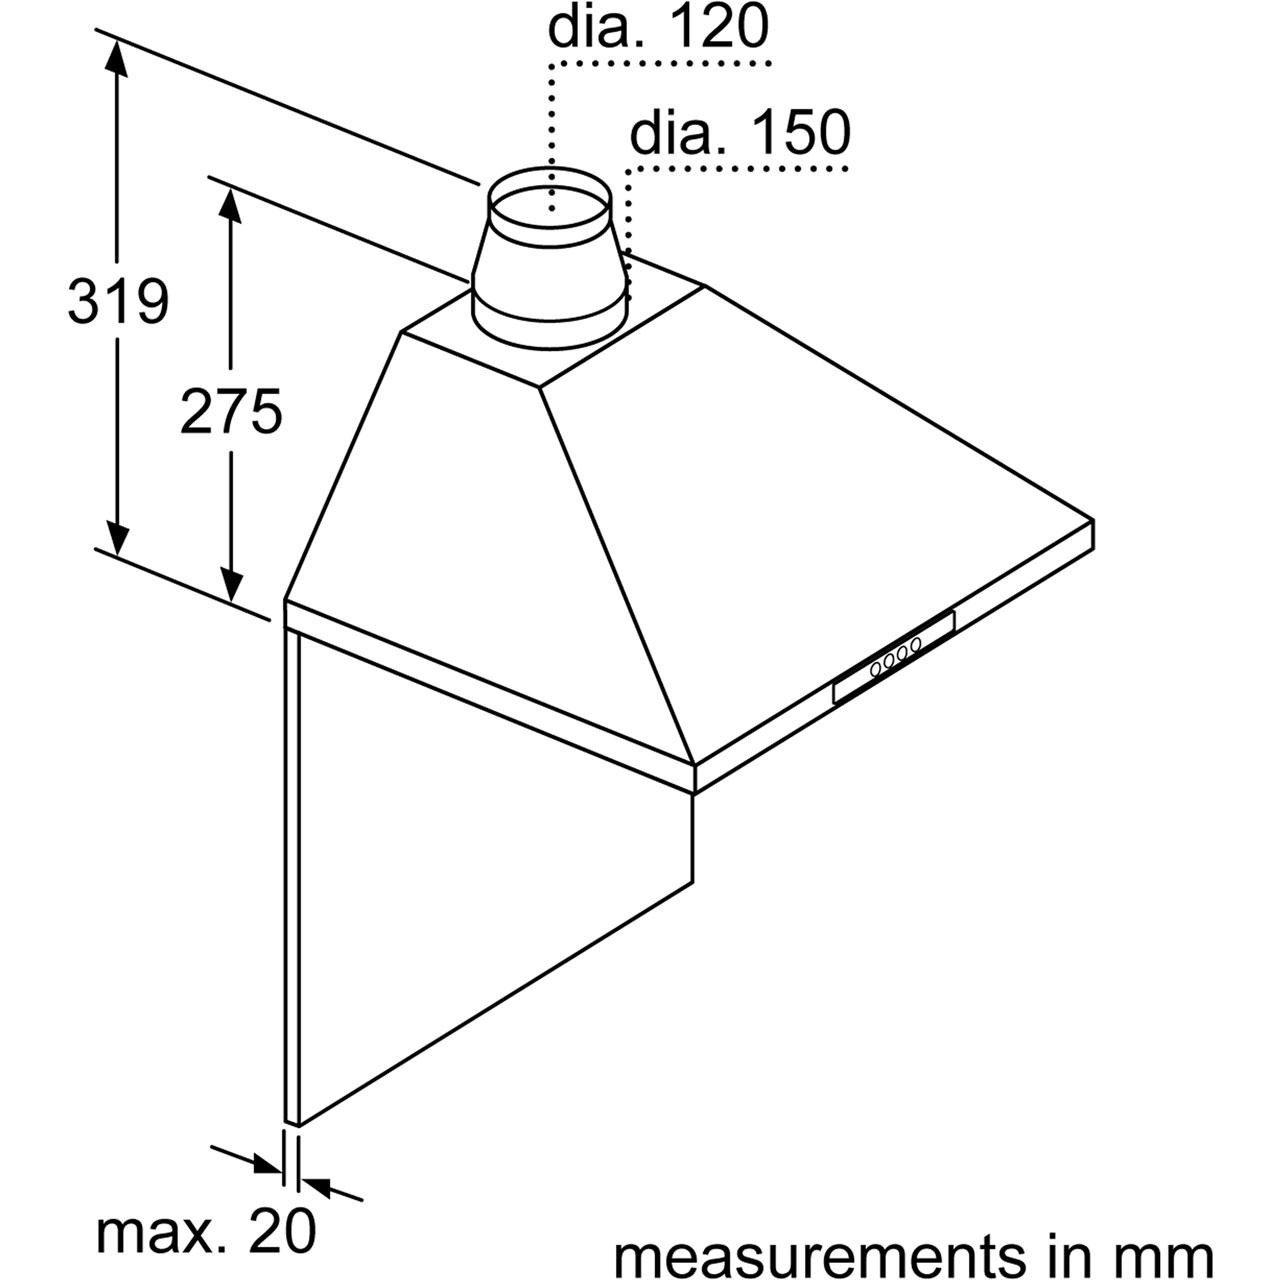 dww07w450b_ss_bosch_cookerhoods_02_dim_l rangemaster cooker hood wiring diagram wiring diagram and rangemaster cooker hood wiring diagram at n-0.co